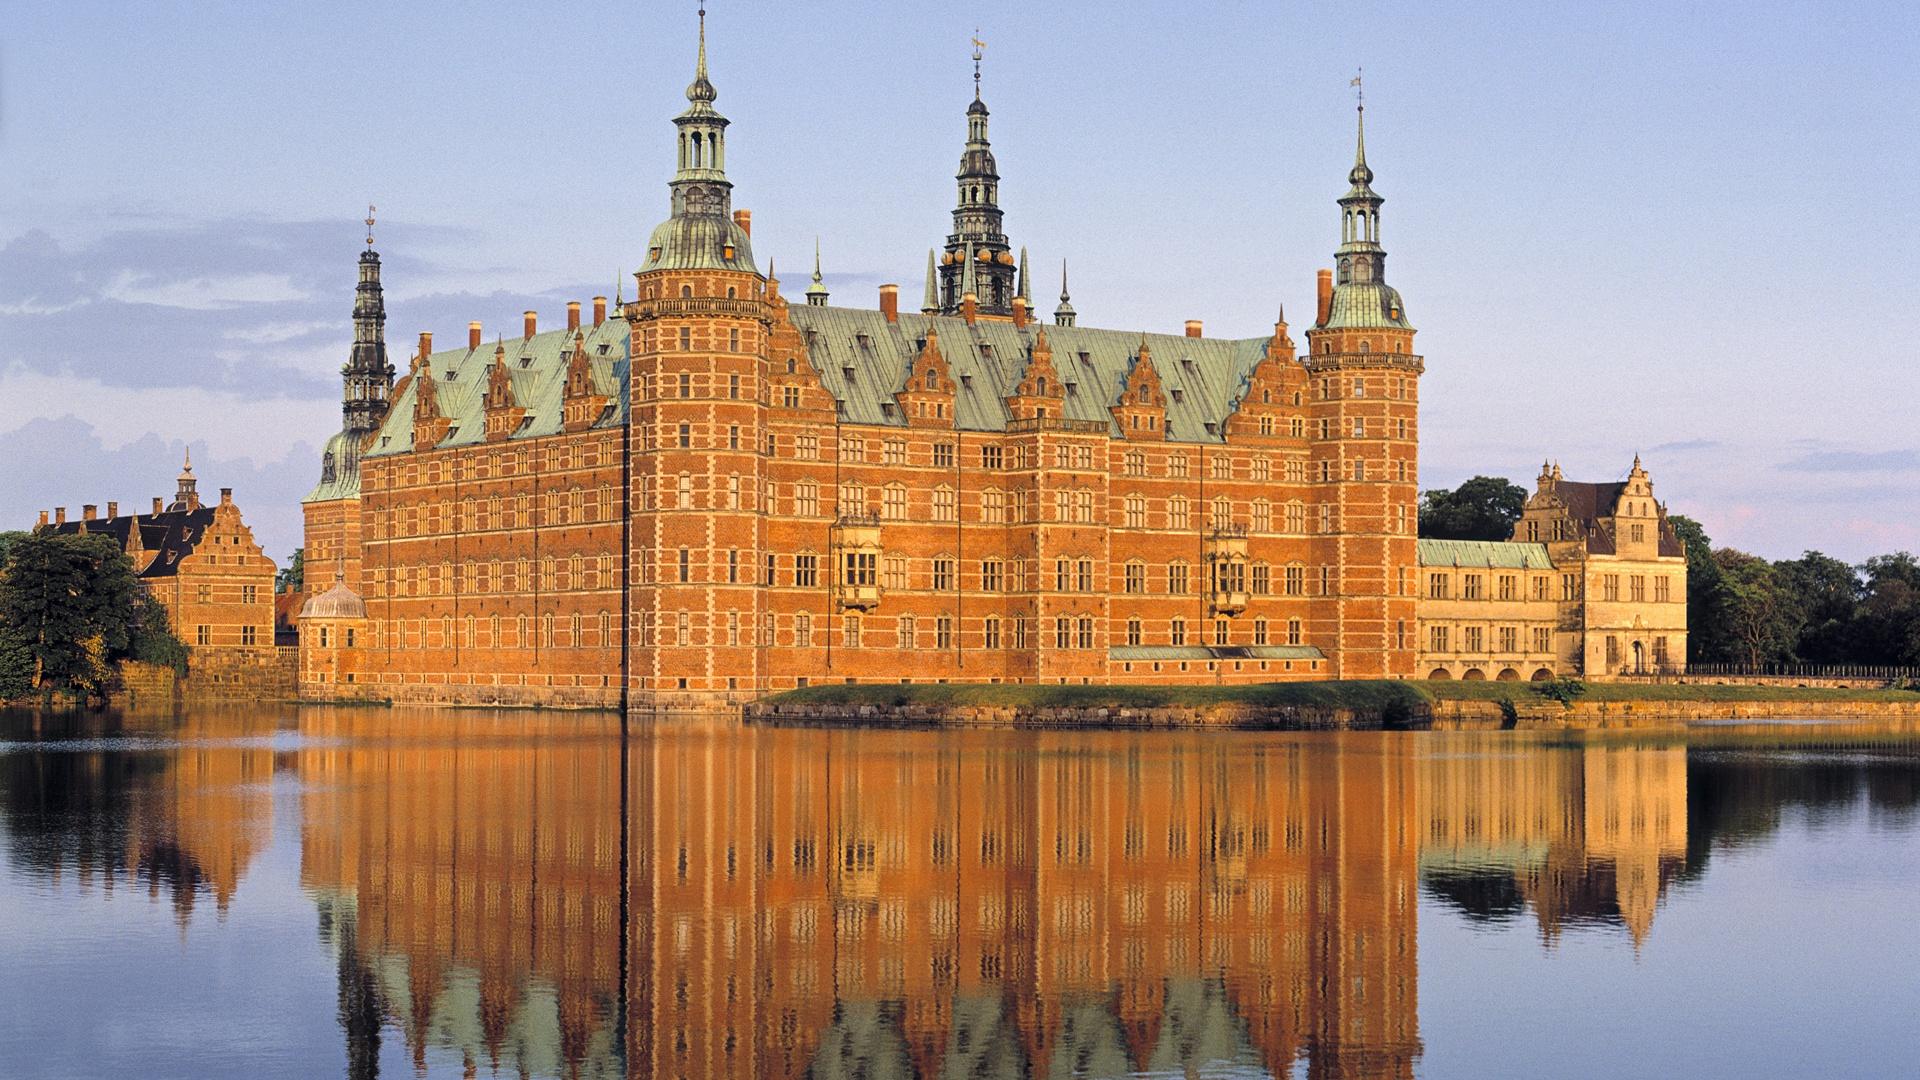 1080 x 1920 illusion wallpaper: 壁紙 デンマークの城ラピュタ 1920x1200 HD 無料のデスクトップの背景, 画像